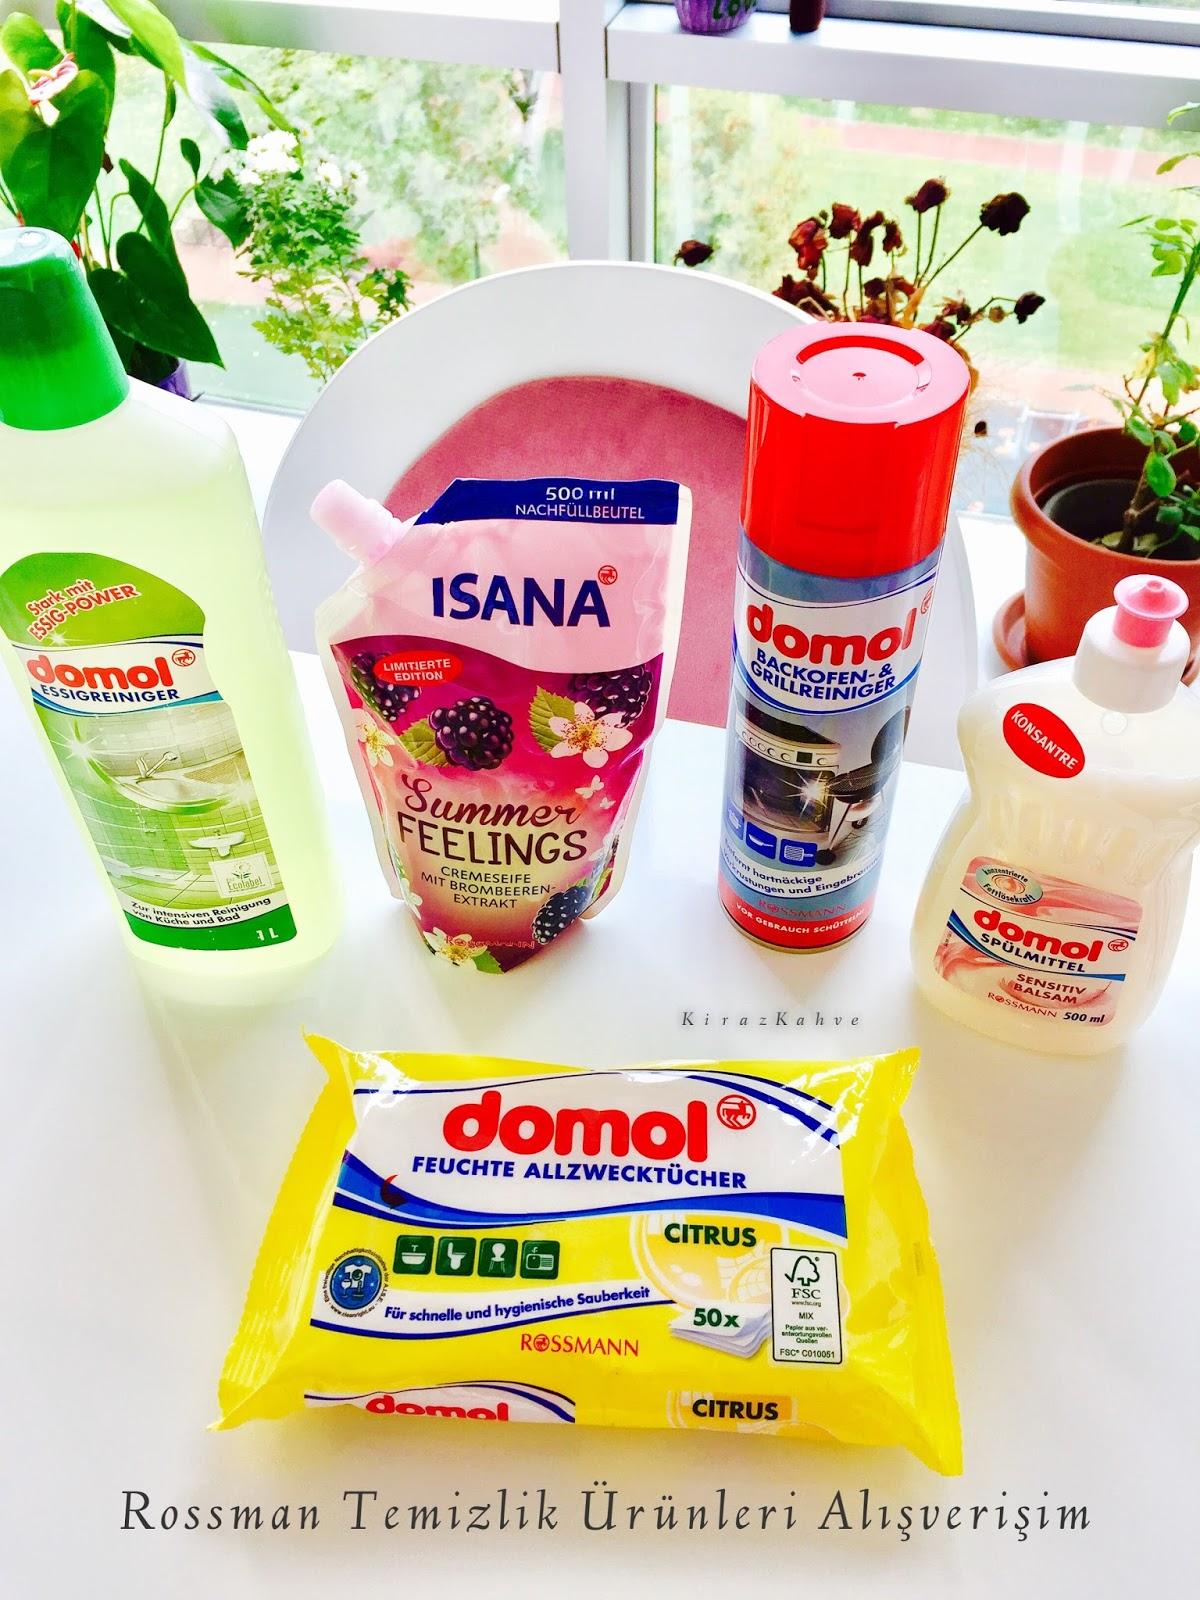 Rossman Temizlik Ürünleri Alışverişim ~ Fırın Temizleyici - Genel Amaçlı Islak Bez - Yüzey Temizleyici - Sıvı Sabun - Bulaşık Deterjanı İncelemesi